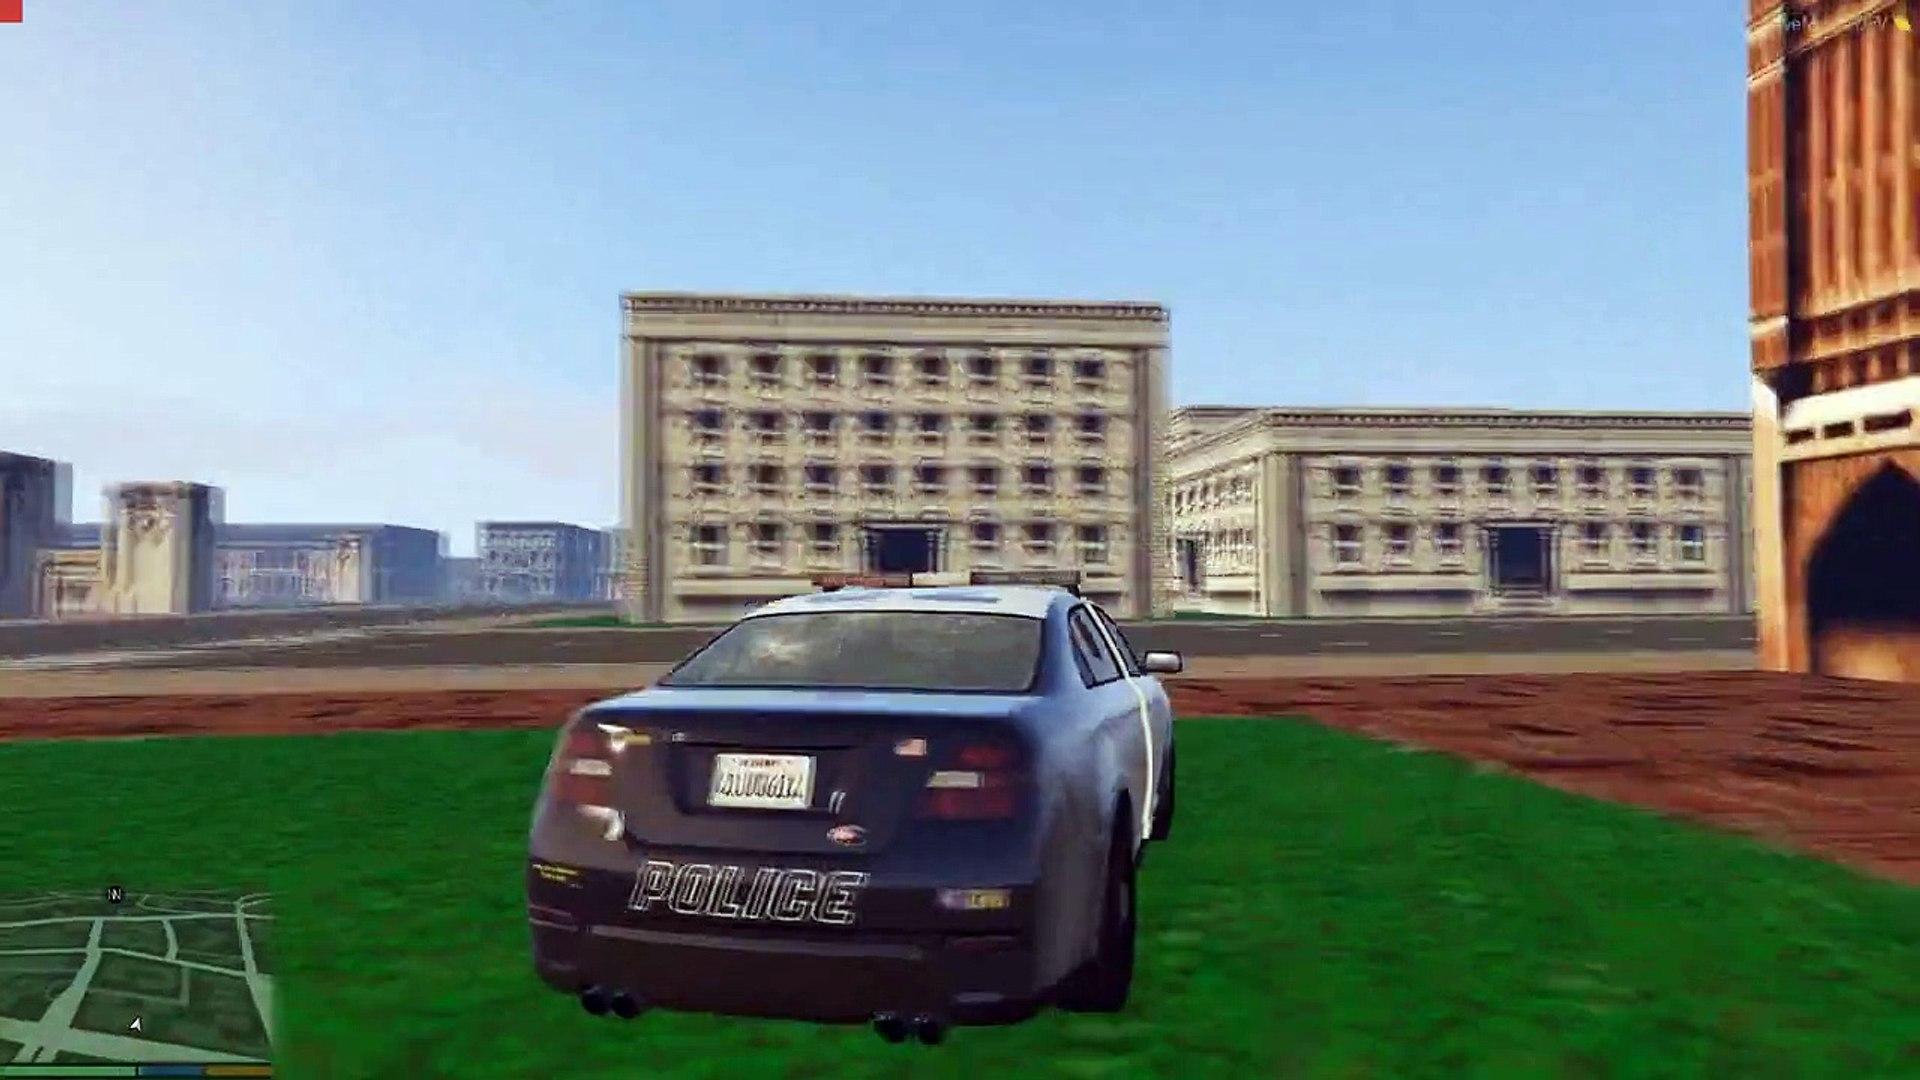 GTA 5 LONDRES ¡SORPRENDENTE! NUEVO MAPA DE LONDRES EN GTA 5 - NUEVA EXPANSION MAPA GTA V PC GAMEPLAY